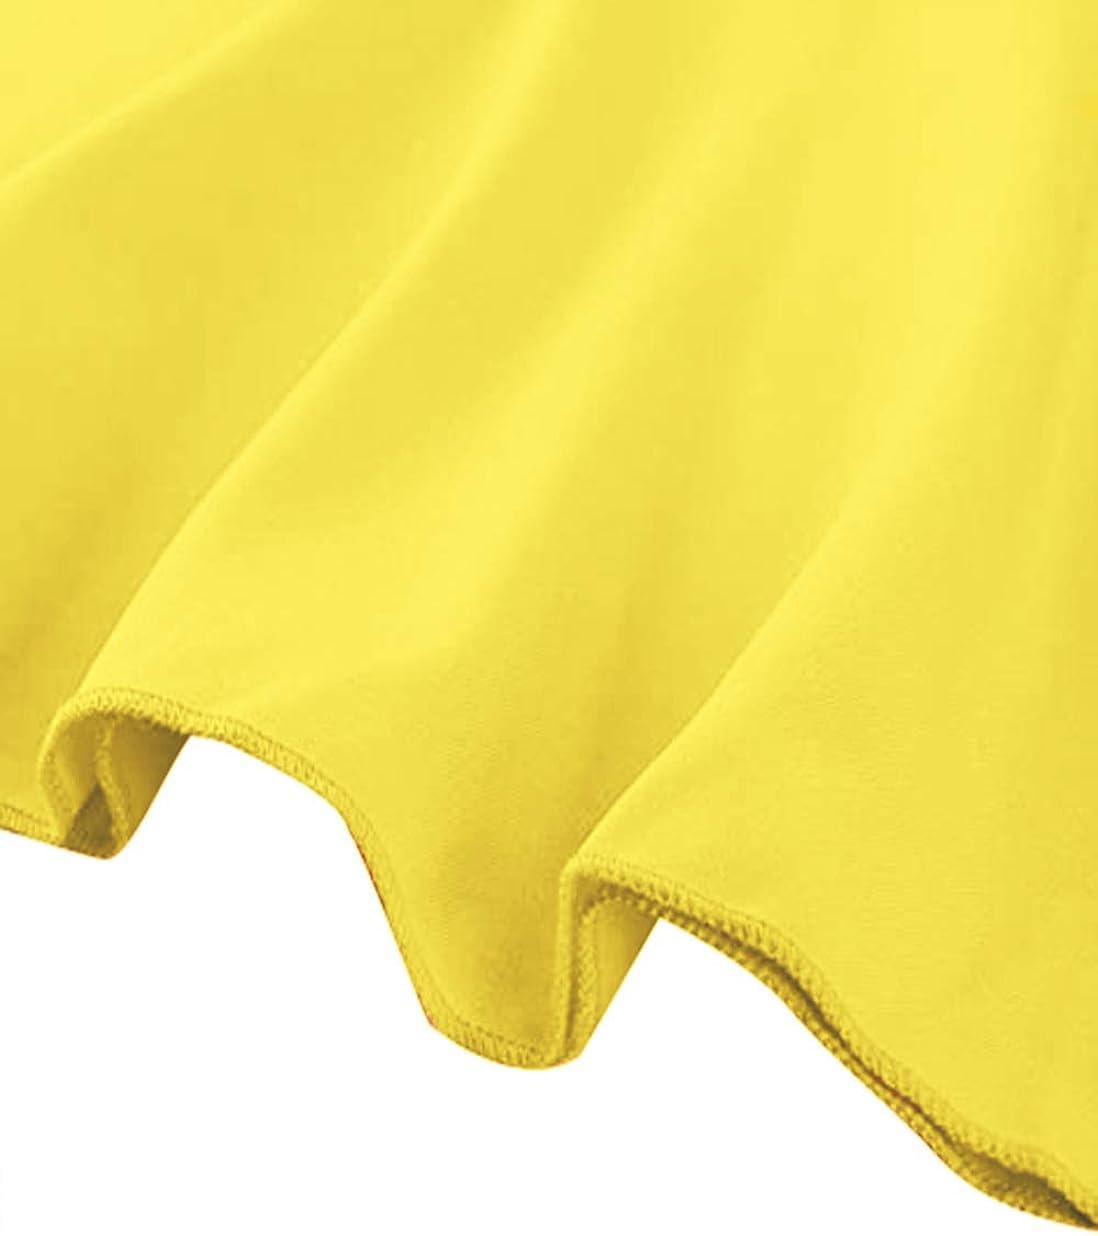 Vesnoyci Peplum Tops for Women Ruffle Sleeveless Round Neck Slim Fit Blouse Shirt